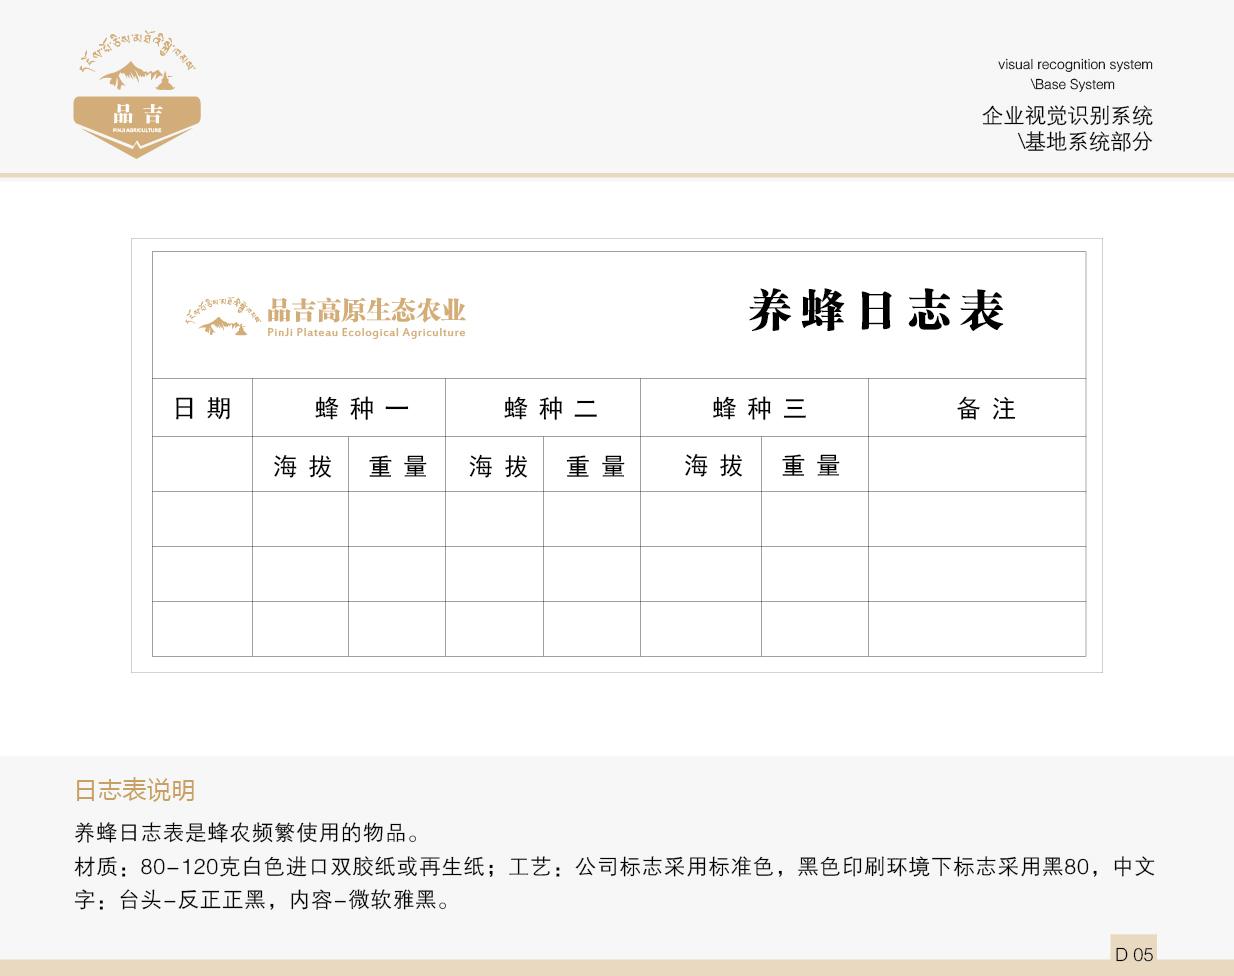 品吉农业VI 基地系统部分  客户资料  第6张